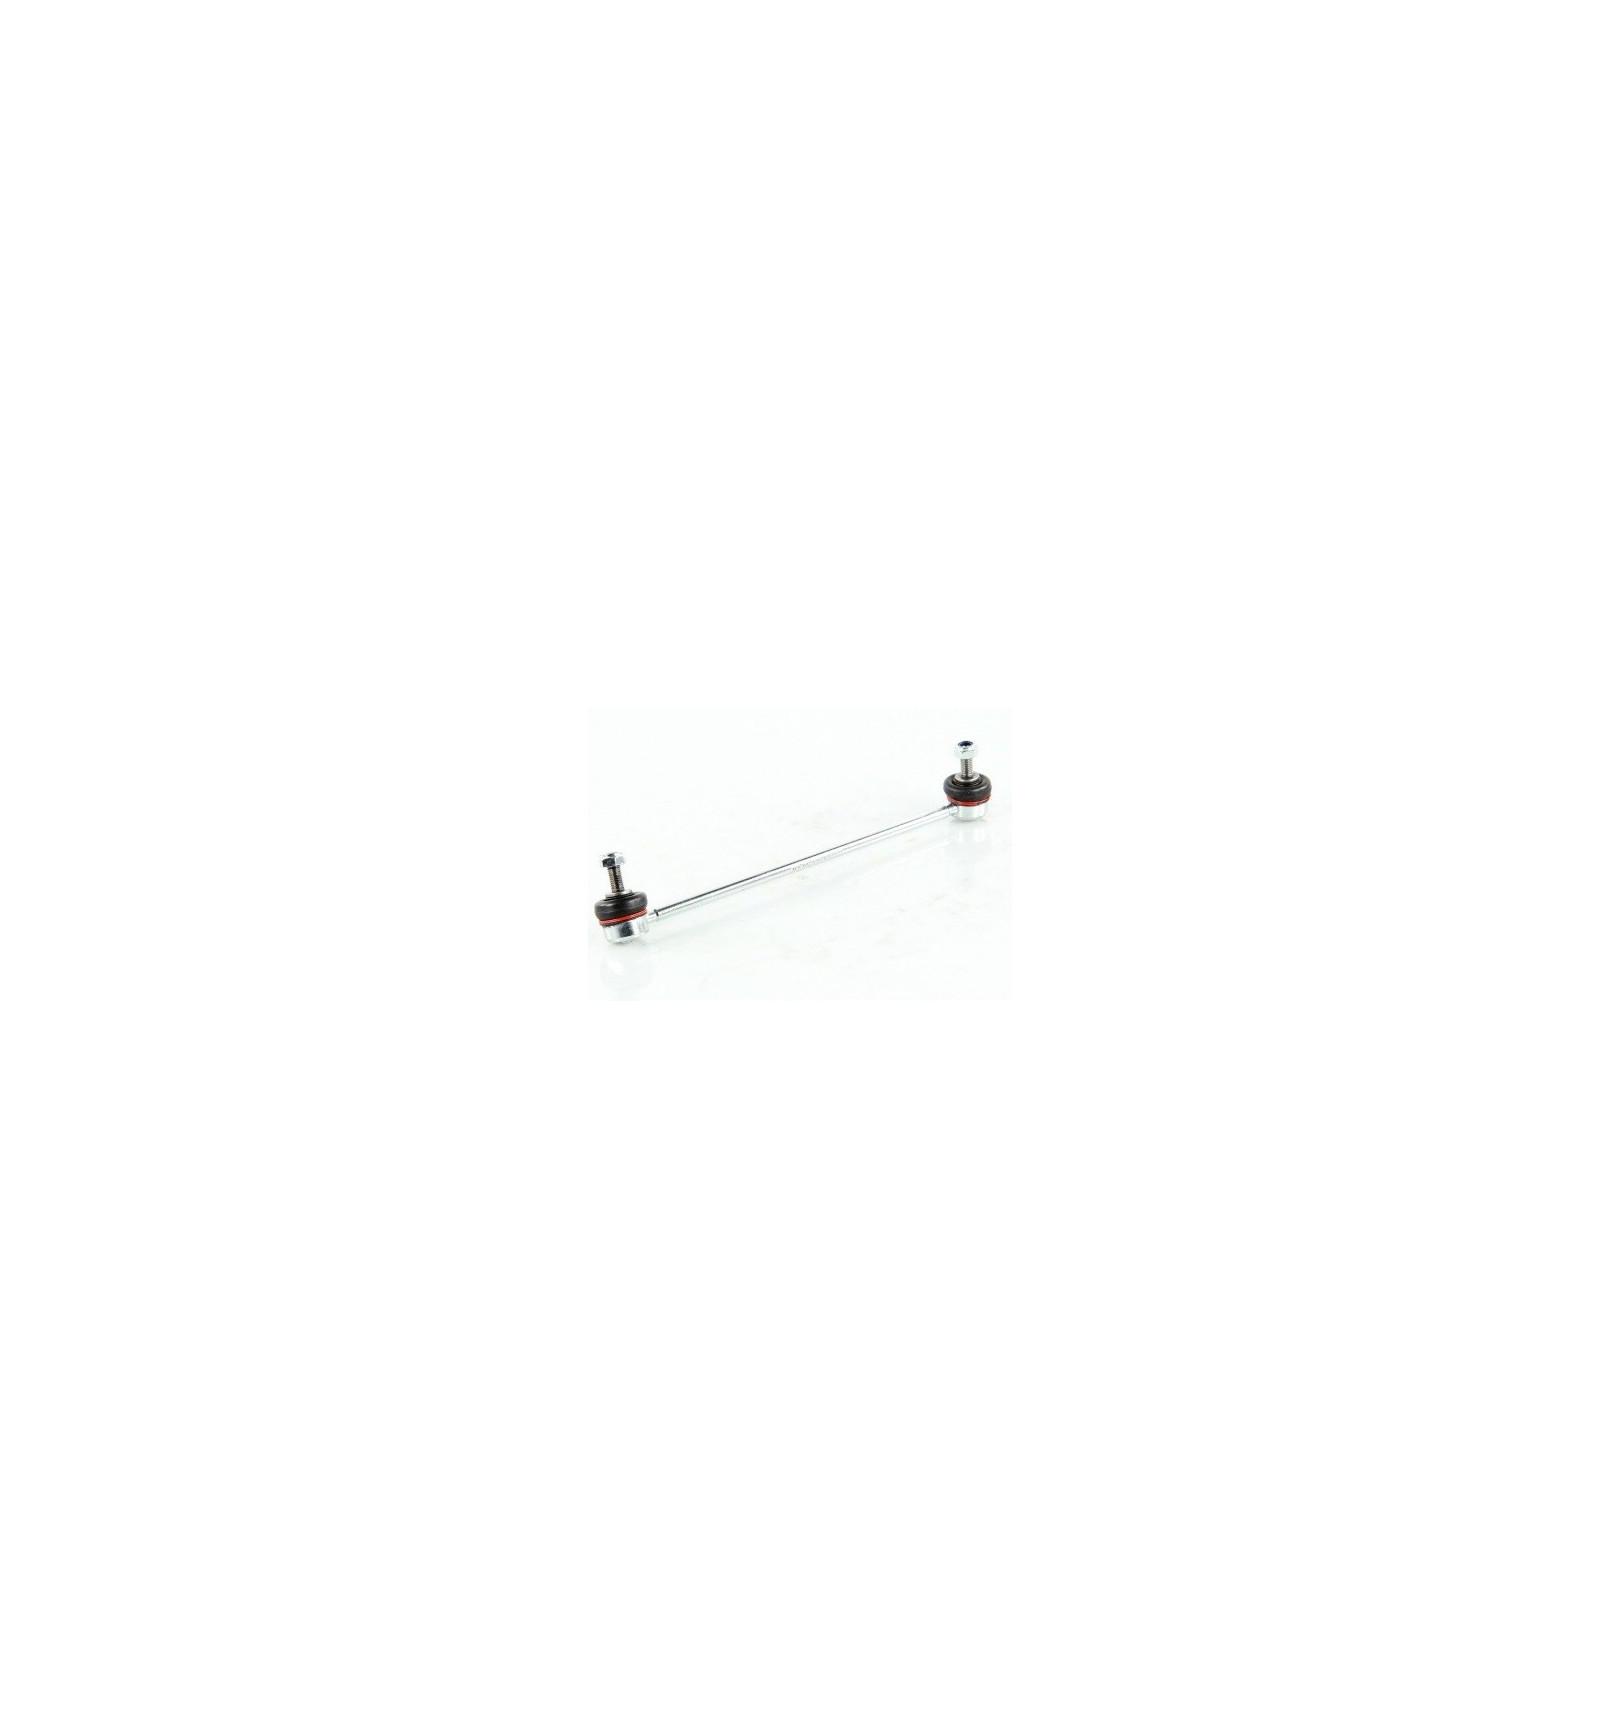 biellette de barre stabilisatrice avant gauche citroen c3 picasso peugeot 207 208. Black Bedroom Furniture Sets. Home Design Ideas